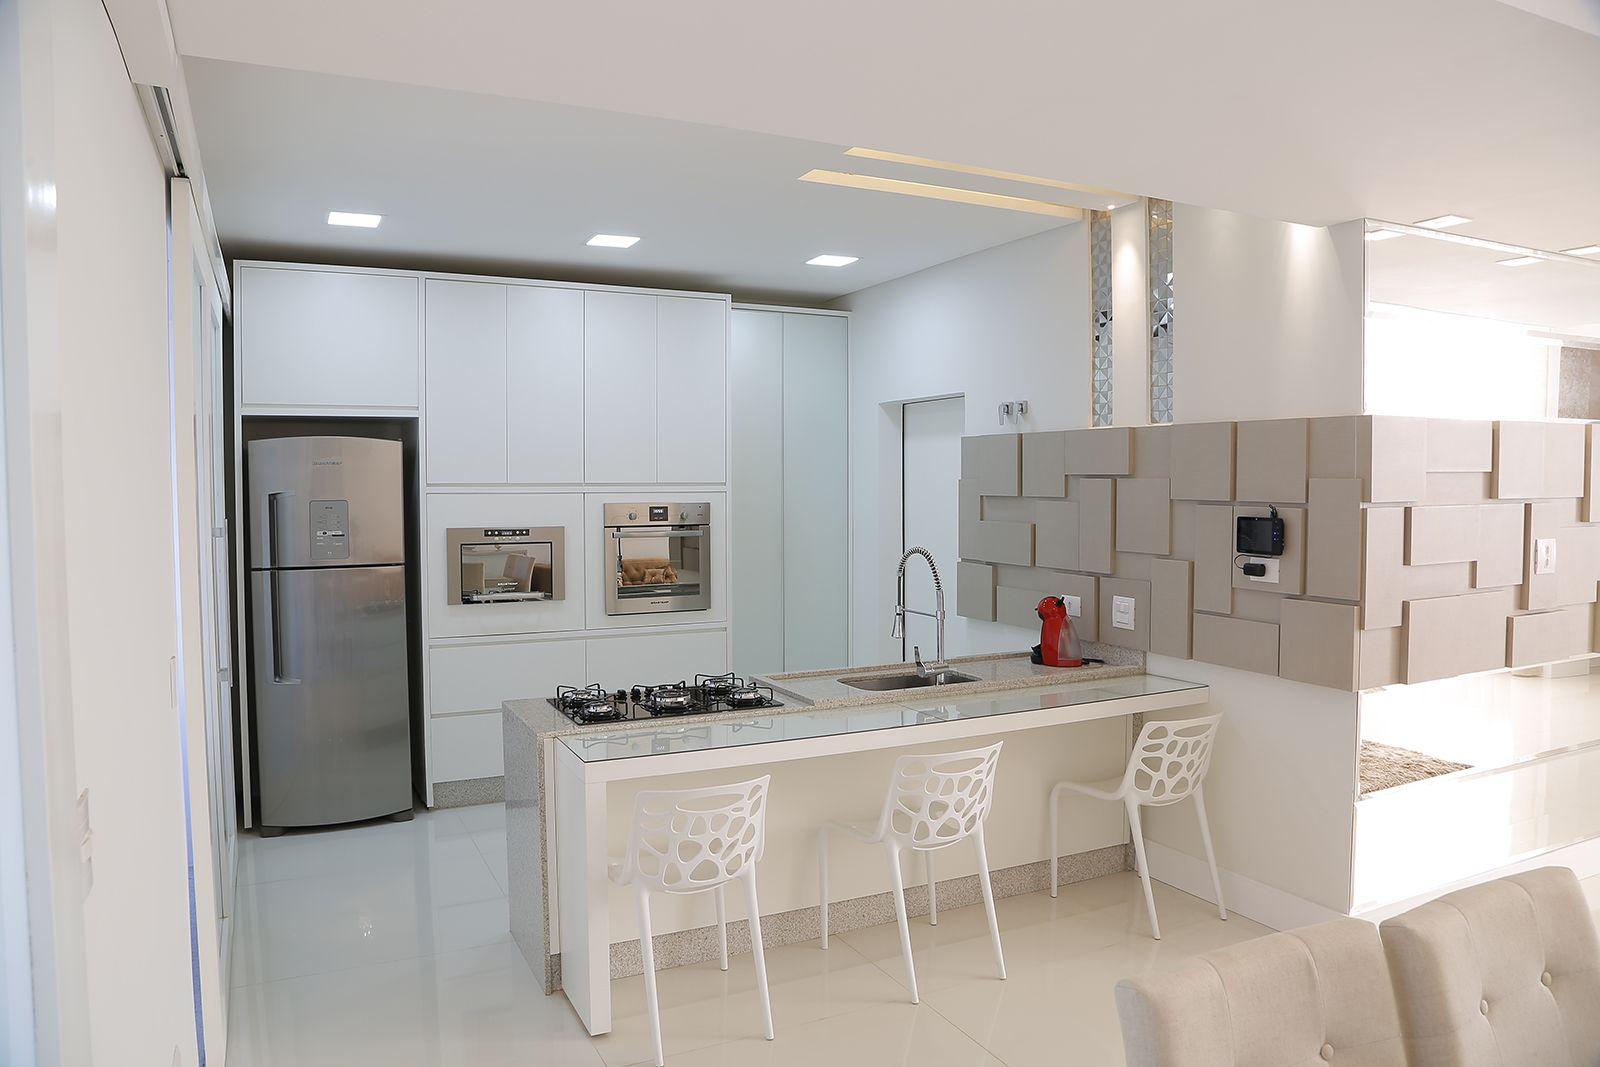 Cozinha Branca Com Paneleiro Em Vidro Argentato Prata E Painel 3d